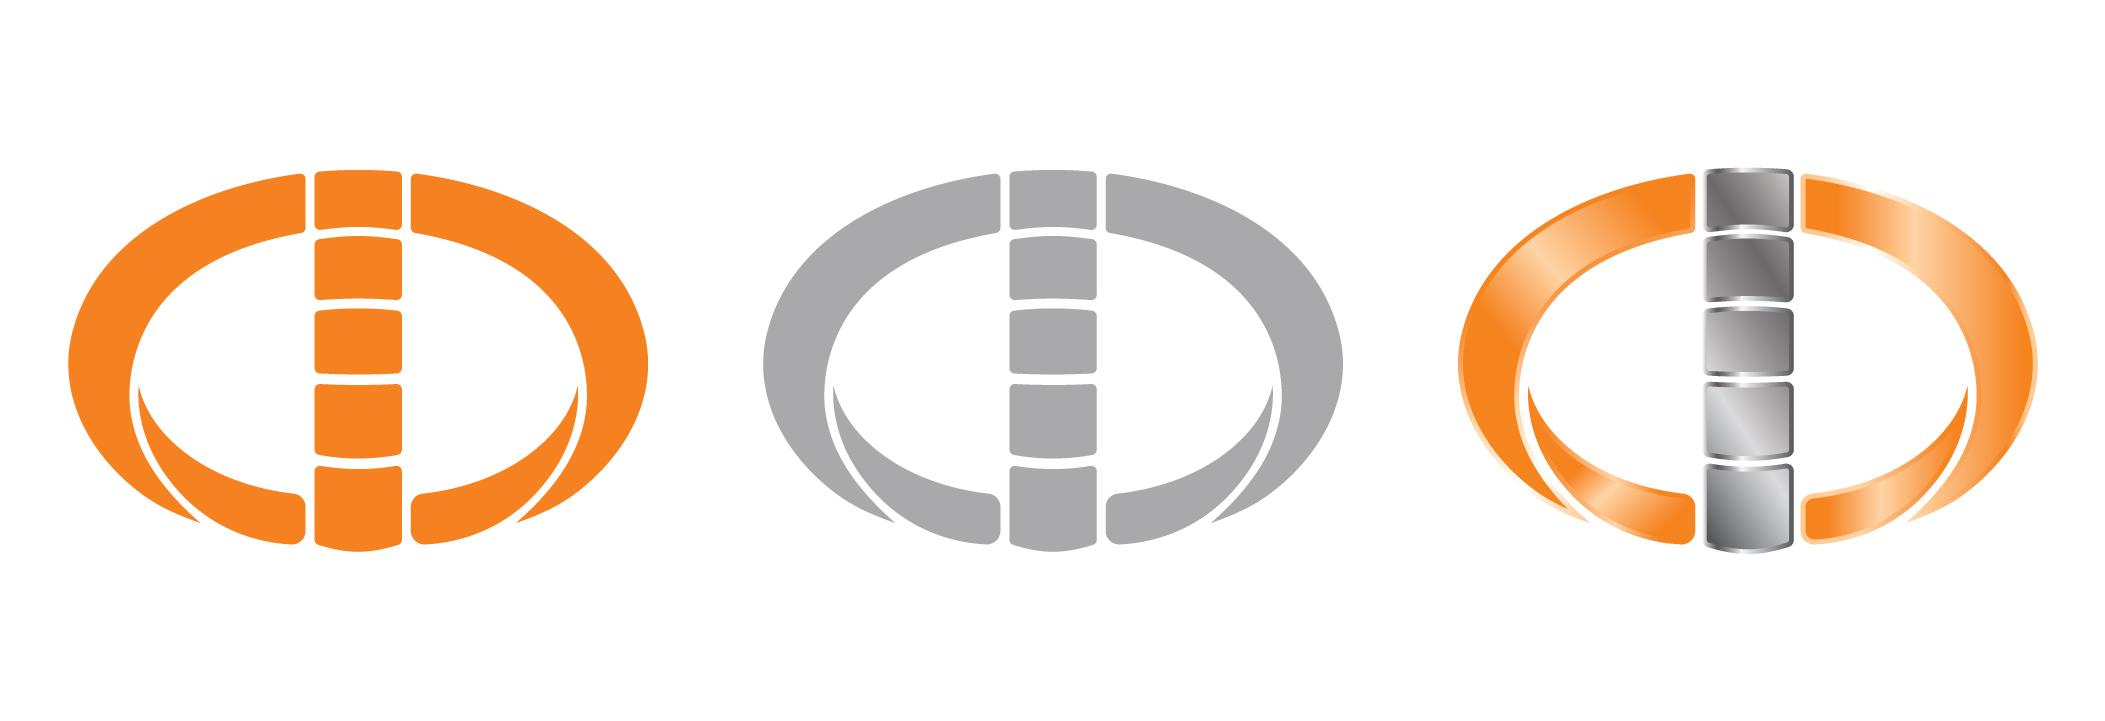 Website_Logos_CDC_Variations